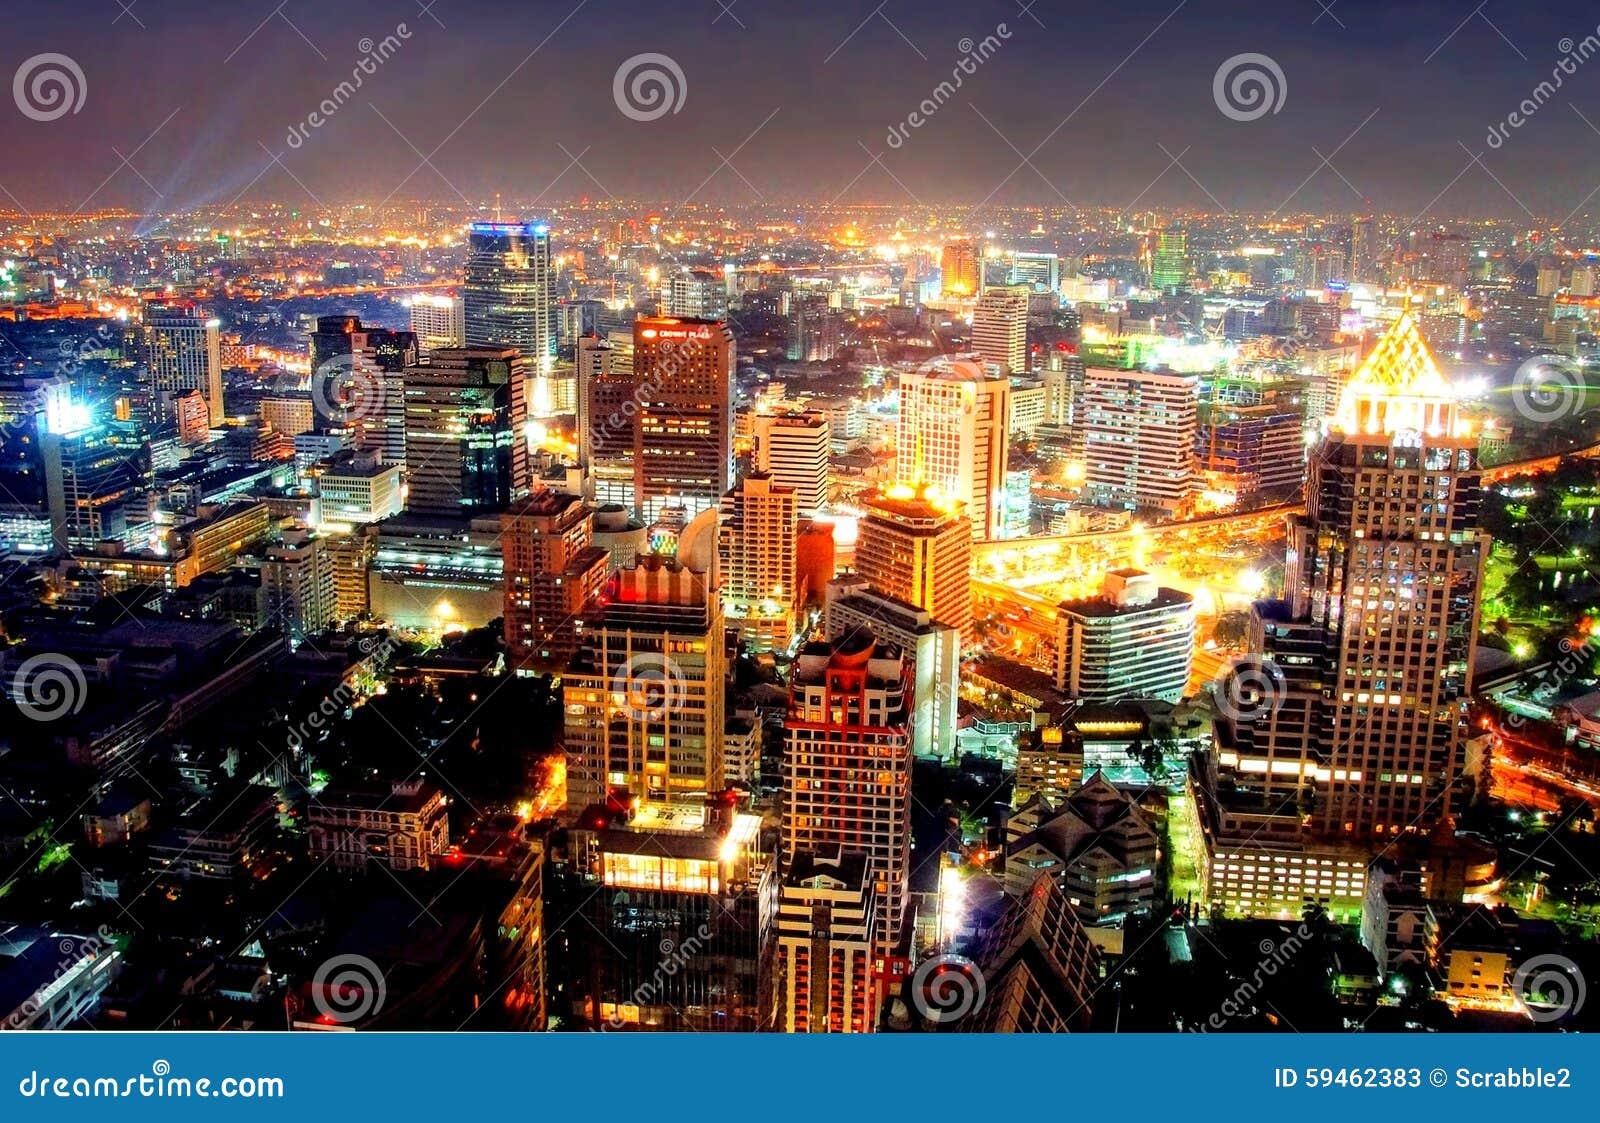 Eine Ansicht über die große asiatische Stadt von Bangkok, Thailand in der Nacht